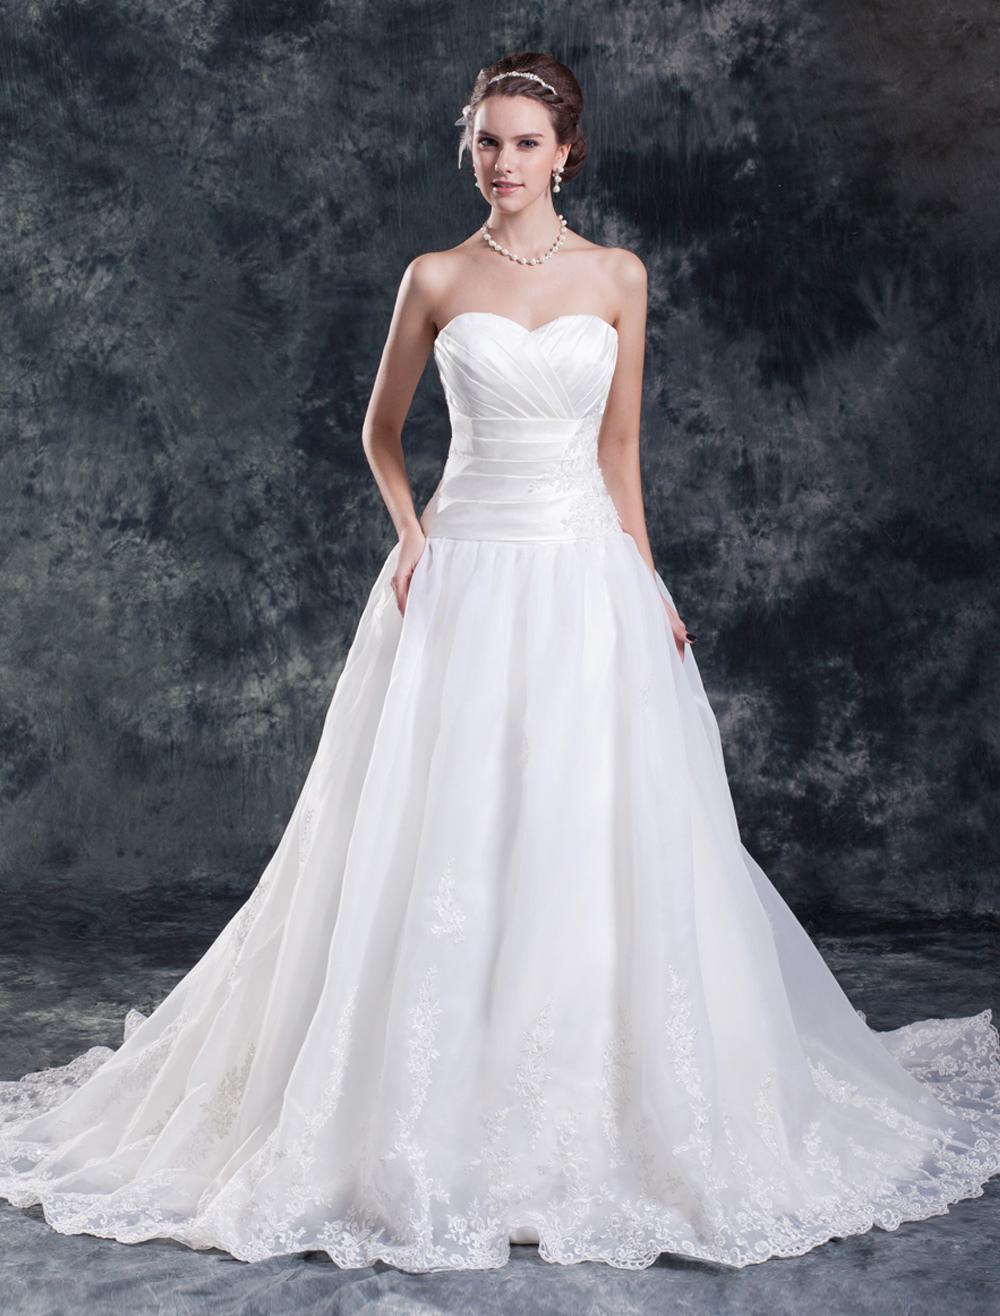 aef164460 Vestido de novia de satén con escote en corazón de cola larga ...